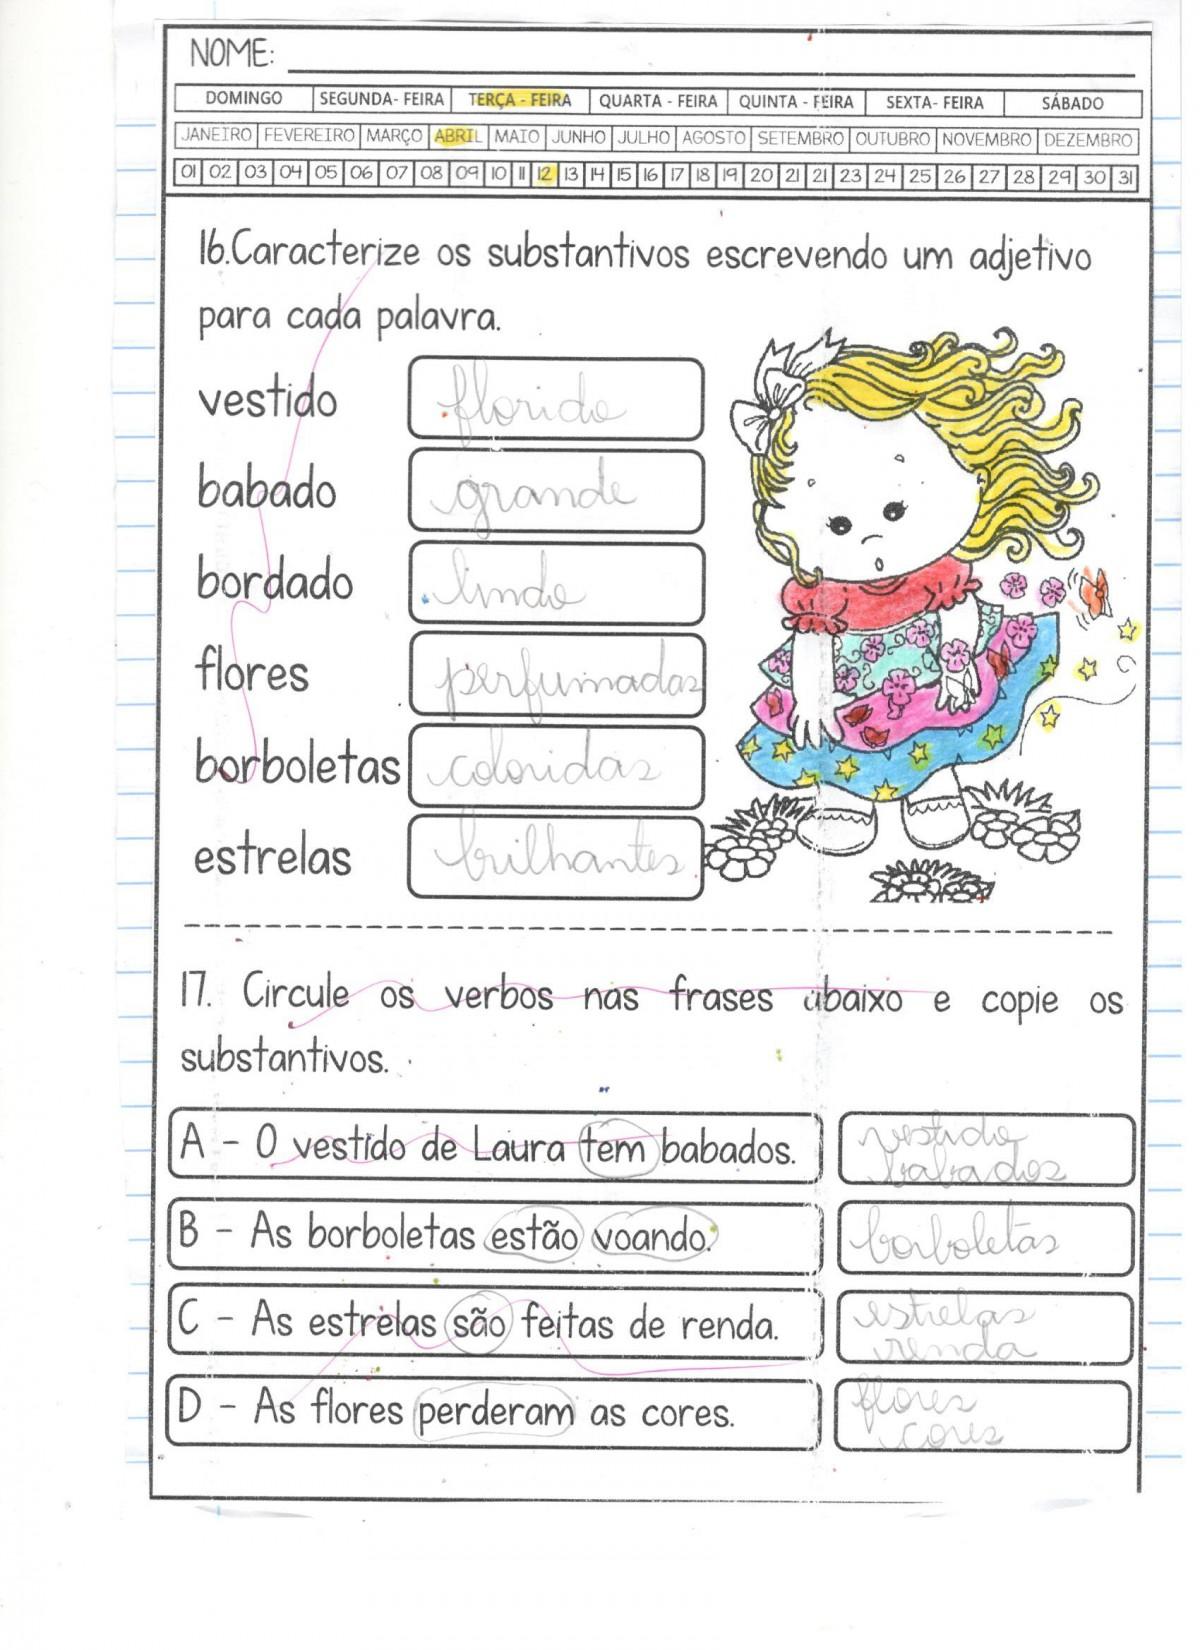 Foto4 - Caderninho BNCC O vestido de Laura 2º e 3º anos